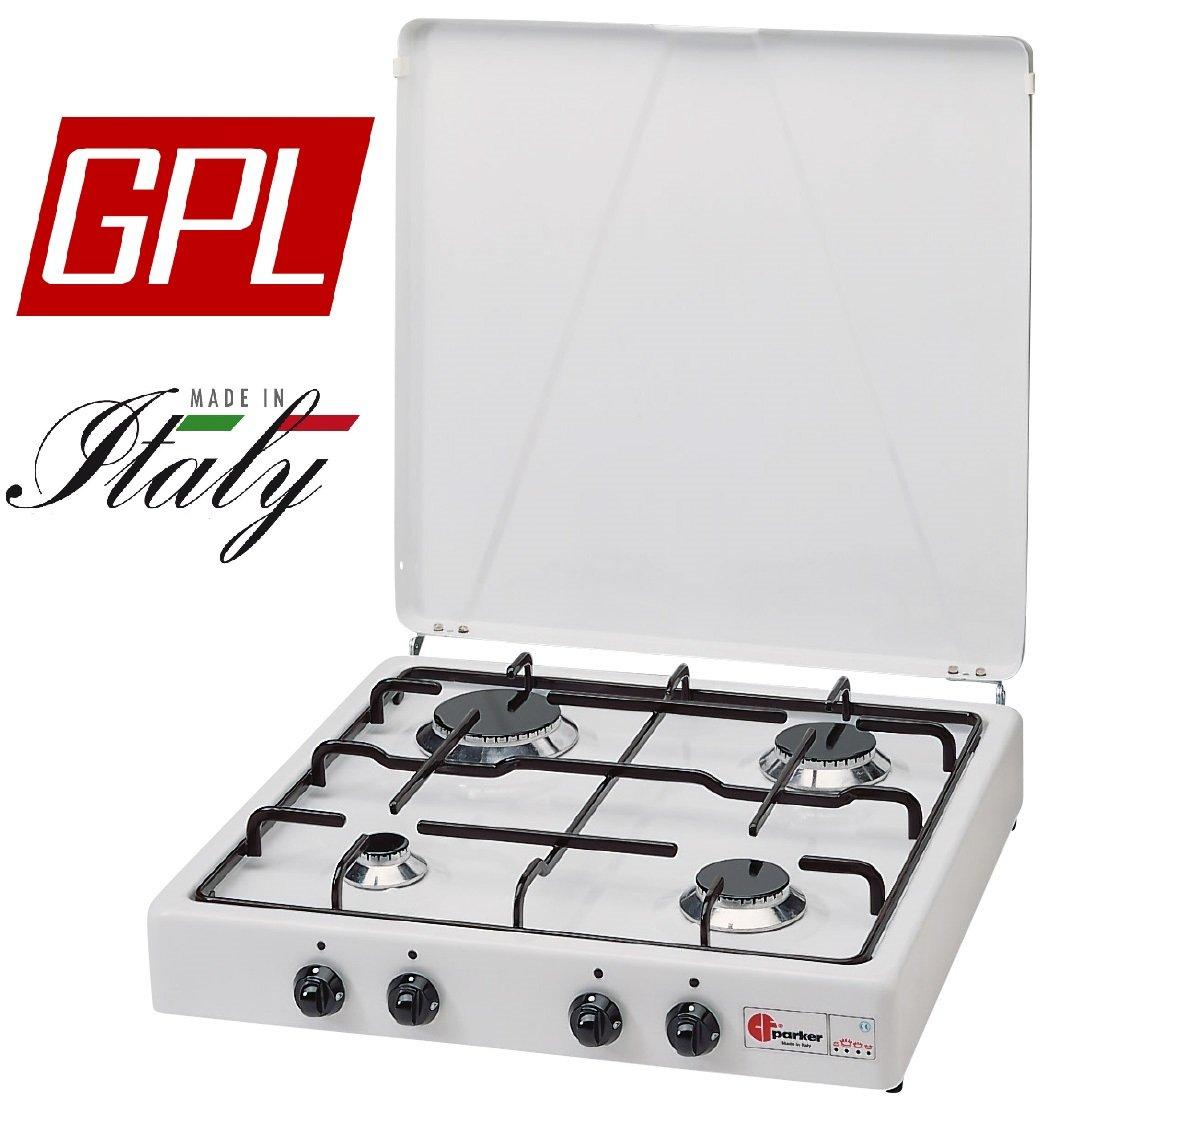 Gaskocher Parker Stromversorgung Gas Flüssiggas (Propan) mit 4 flammig Farbe Weiß und Schwarz – für Verwendung Outdoor -